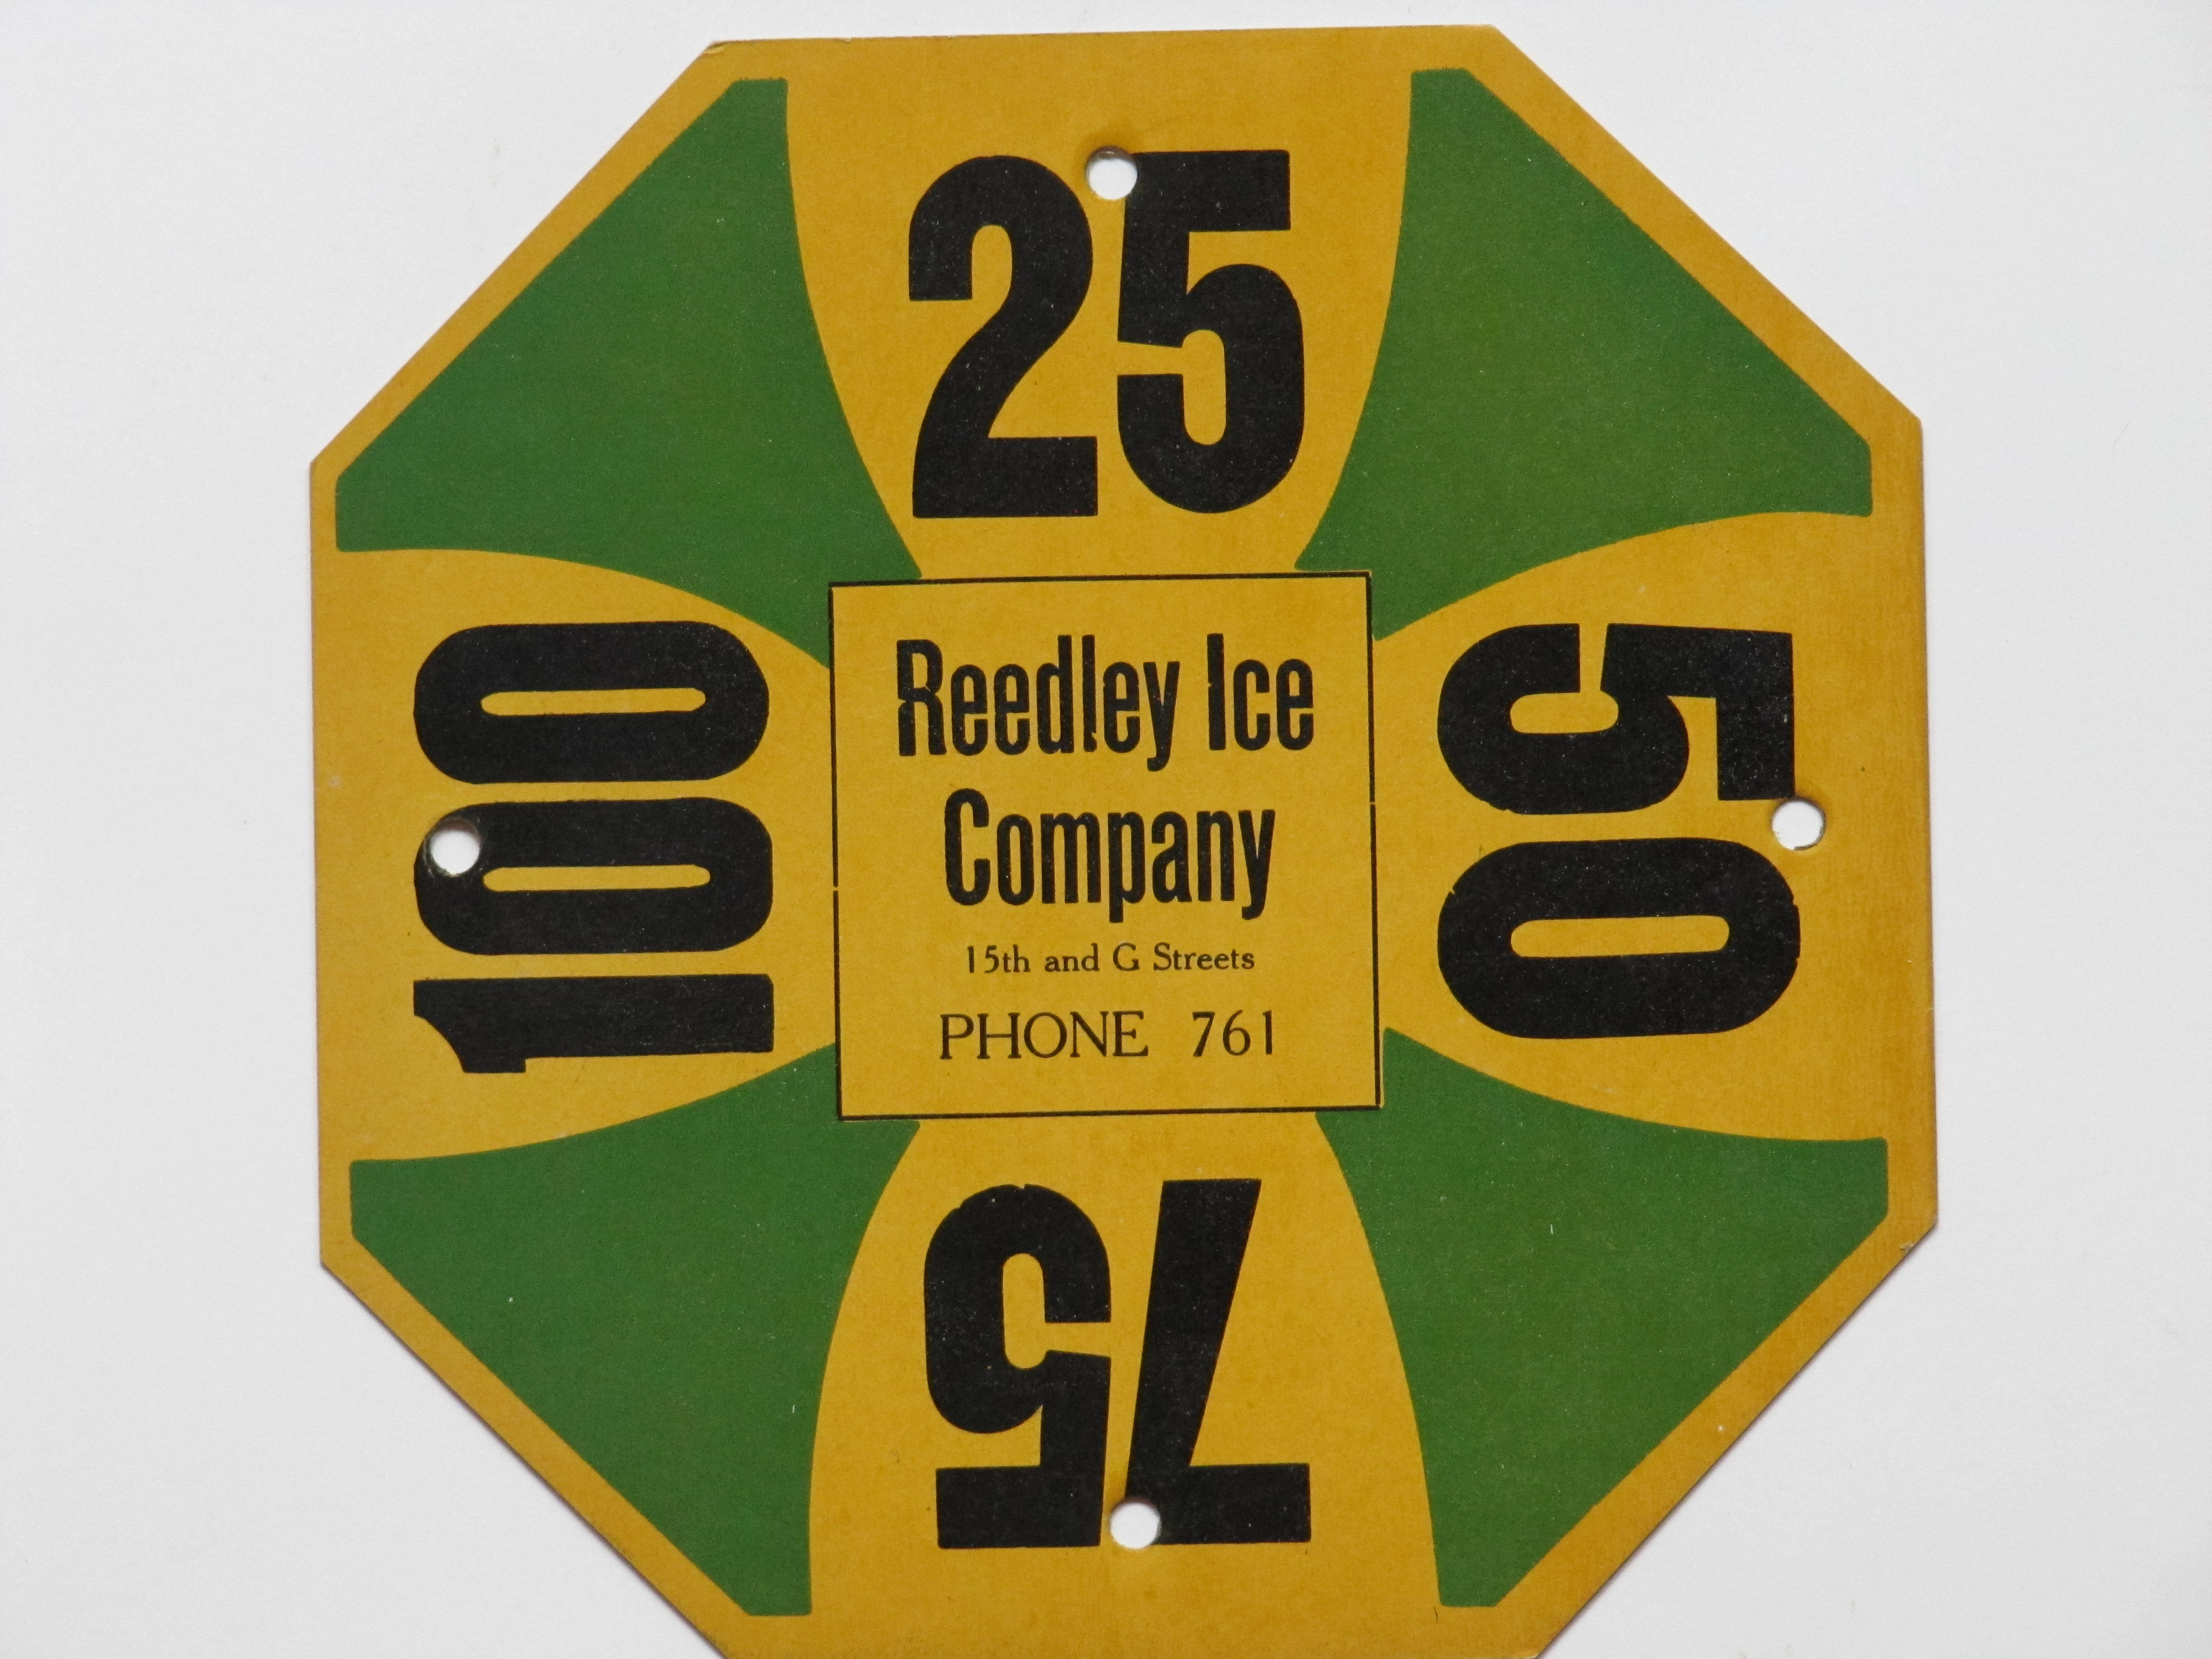 Reedley Ice Company